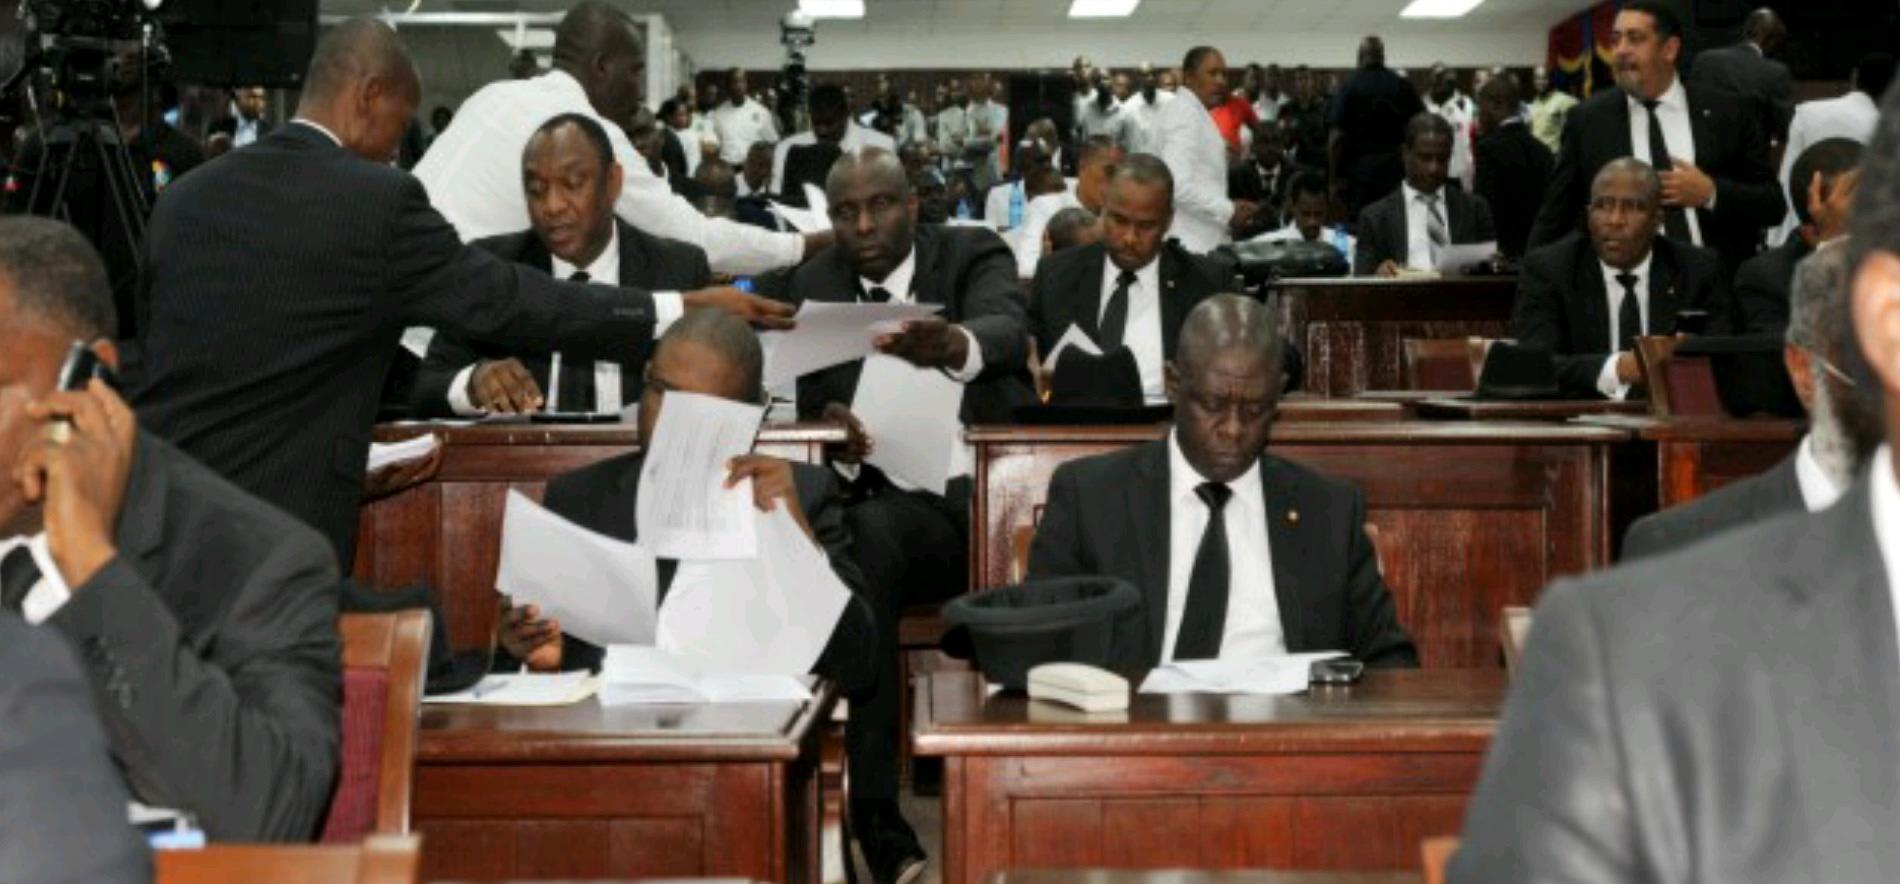 Des parlementaires lors d'une séance en Assemblée Nationale